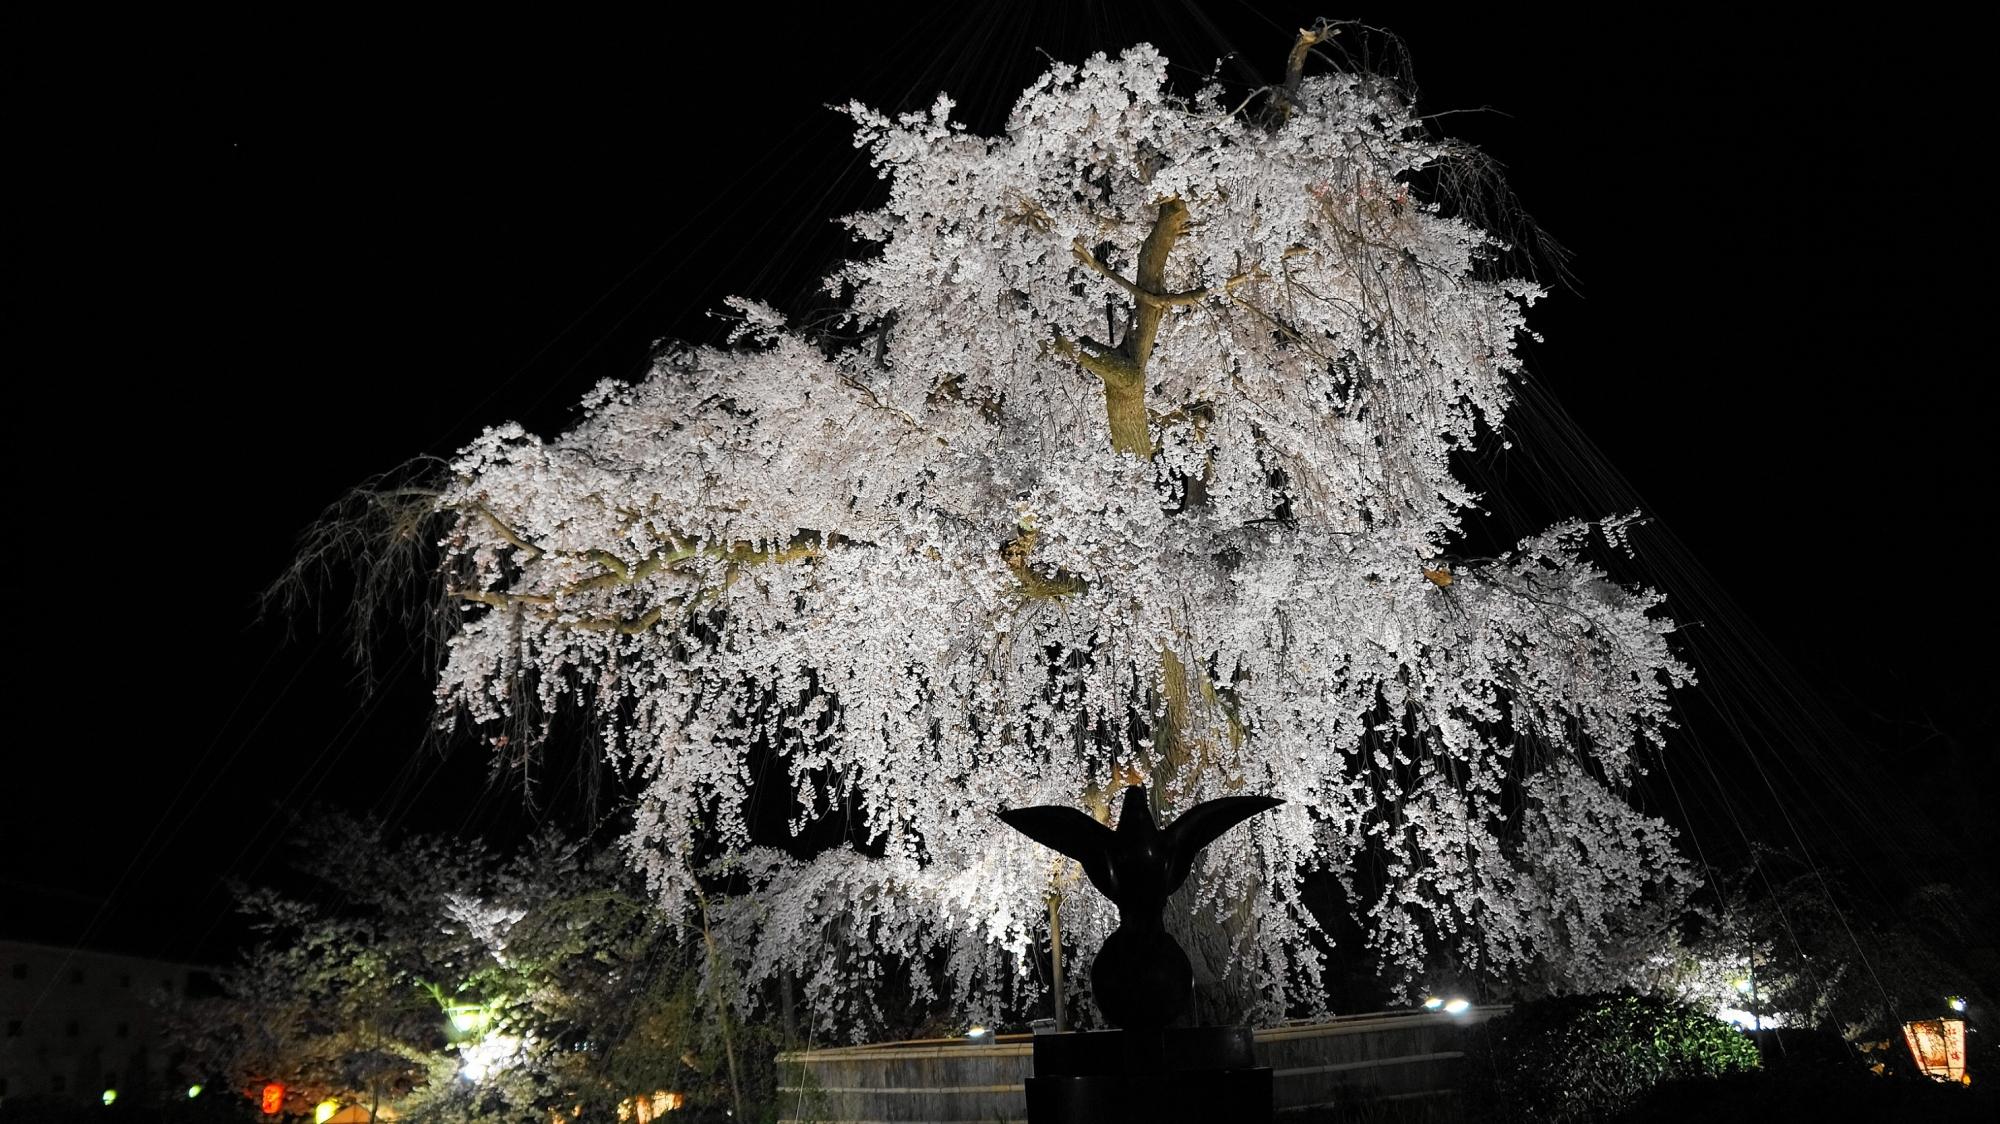 円山公園の祇園しだれ桜ライトアップ